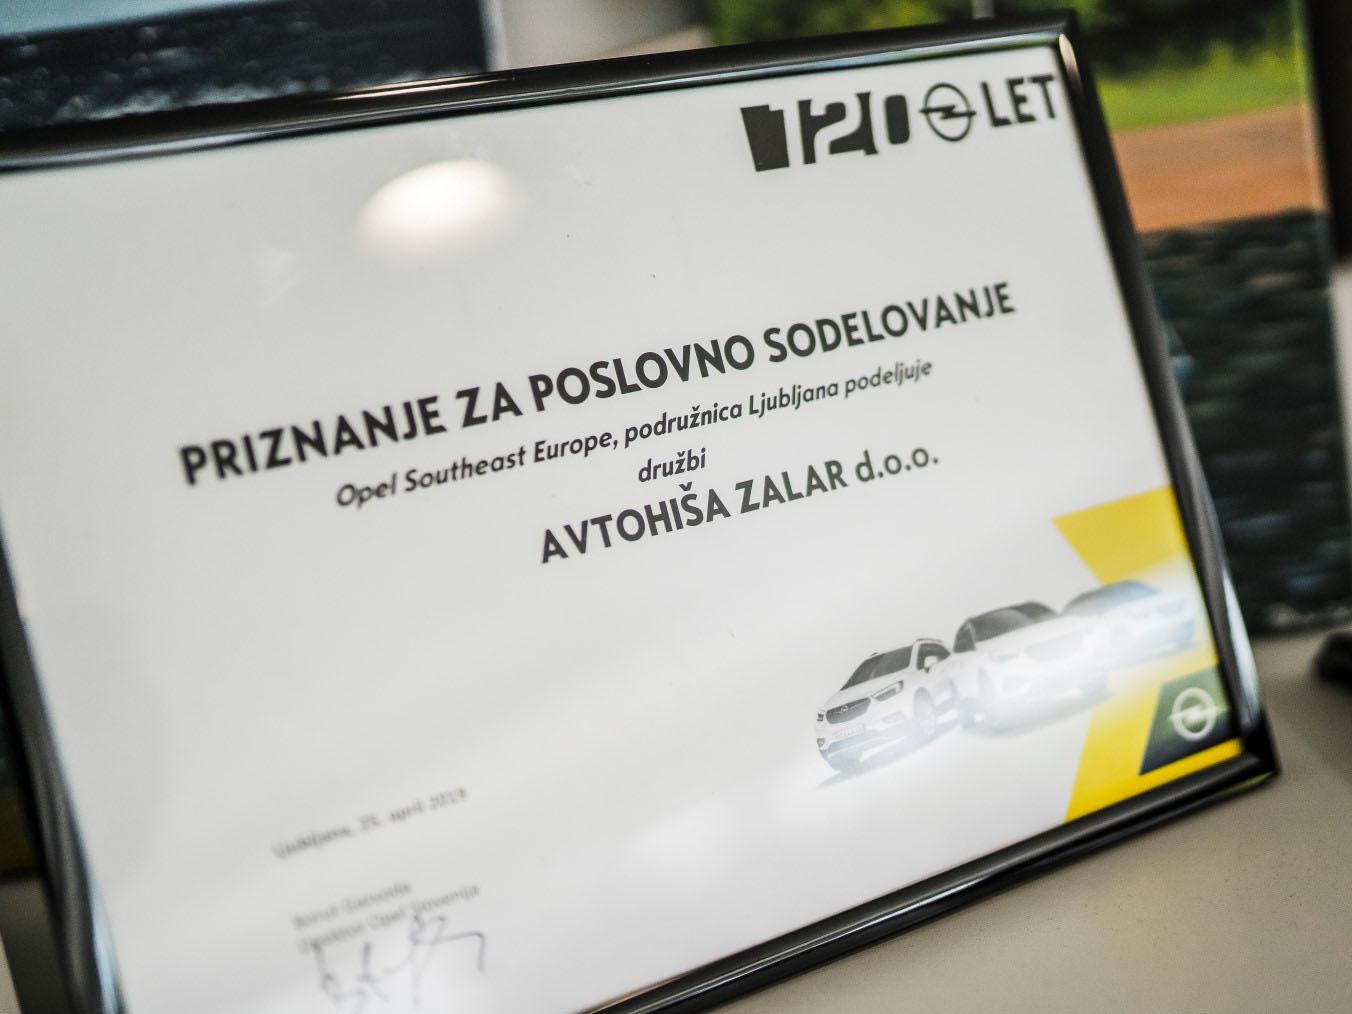 avtohisa-zalar-opel-nova-rabljena-vozila-avtomobili-servis-vzdrzevanje-zavarovanje-registracija-nakup-garancija-jamst (102)